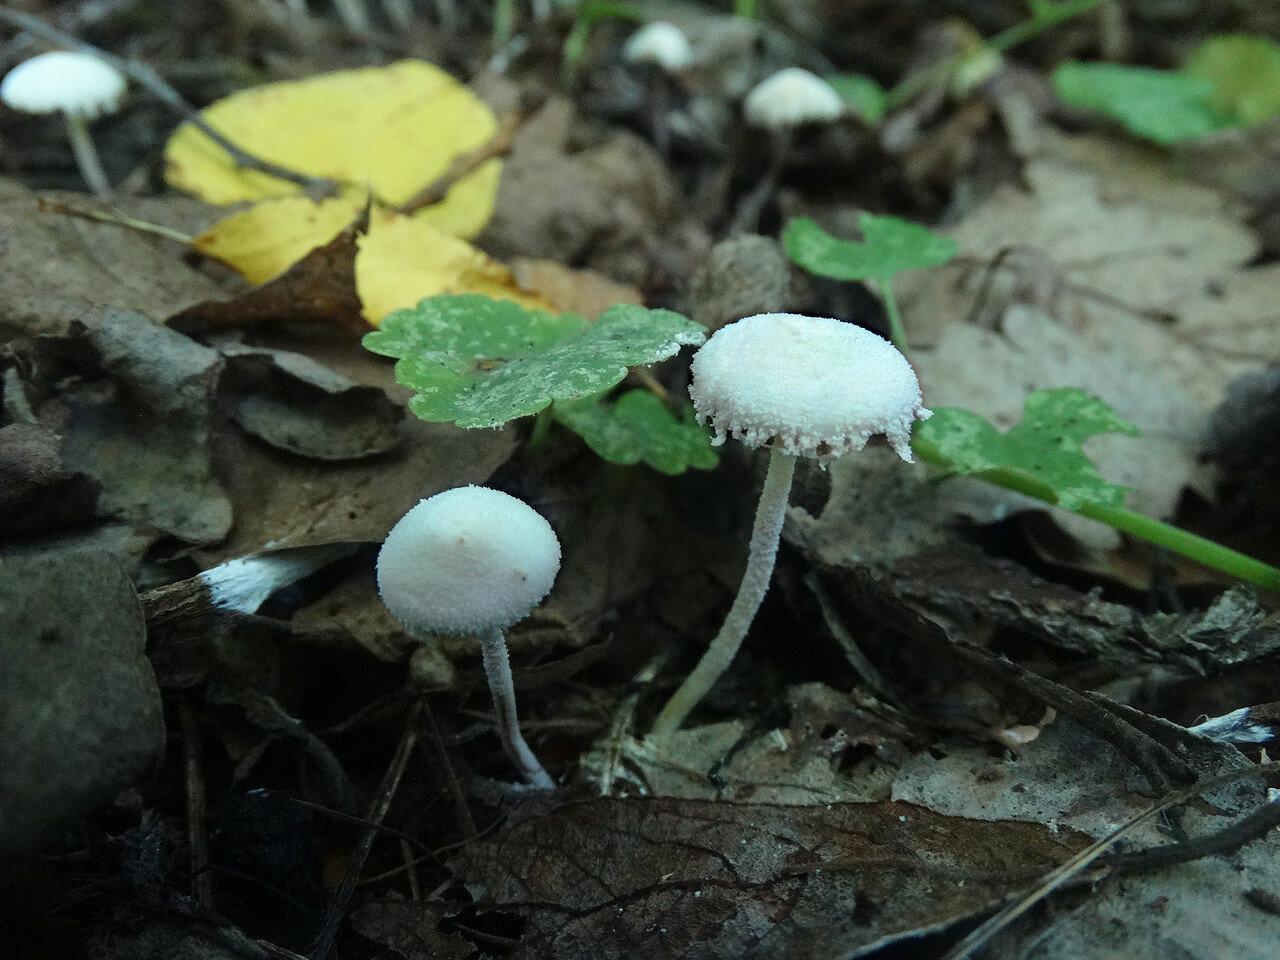 Цистолепиота семинуда (Cystolepiota seminuda). Автор фото: Привалова Марина